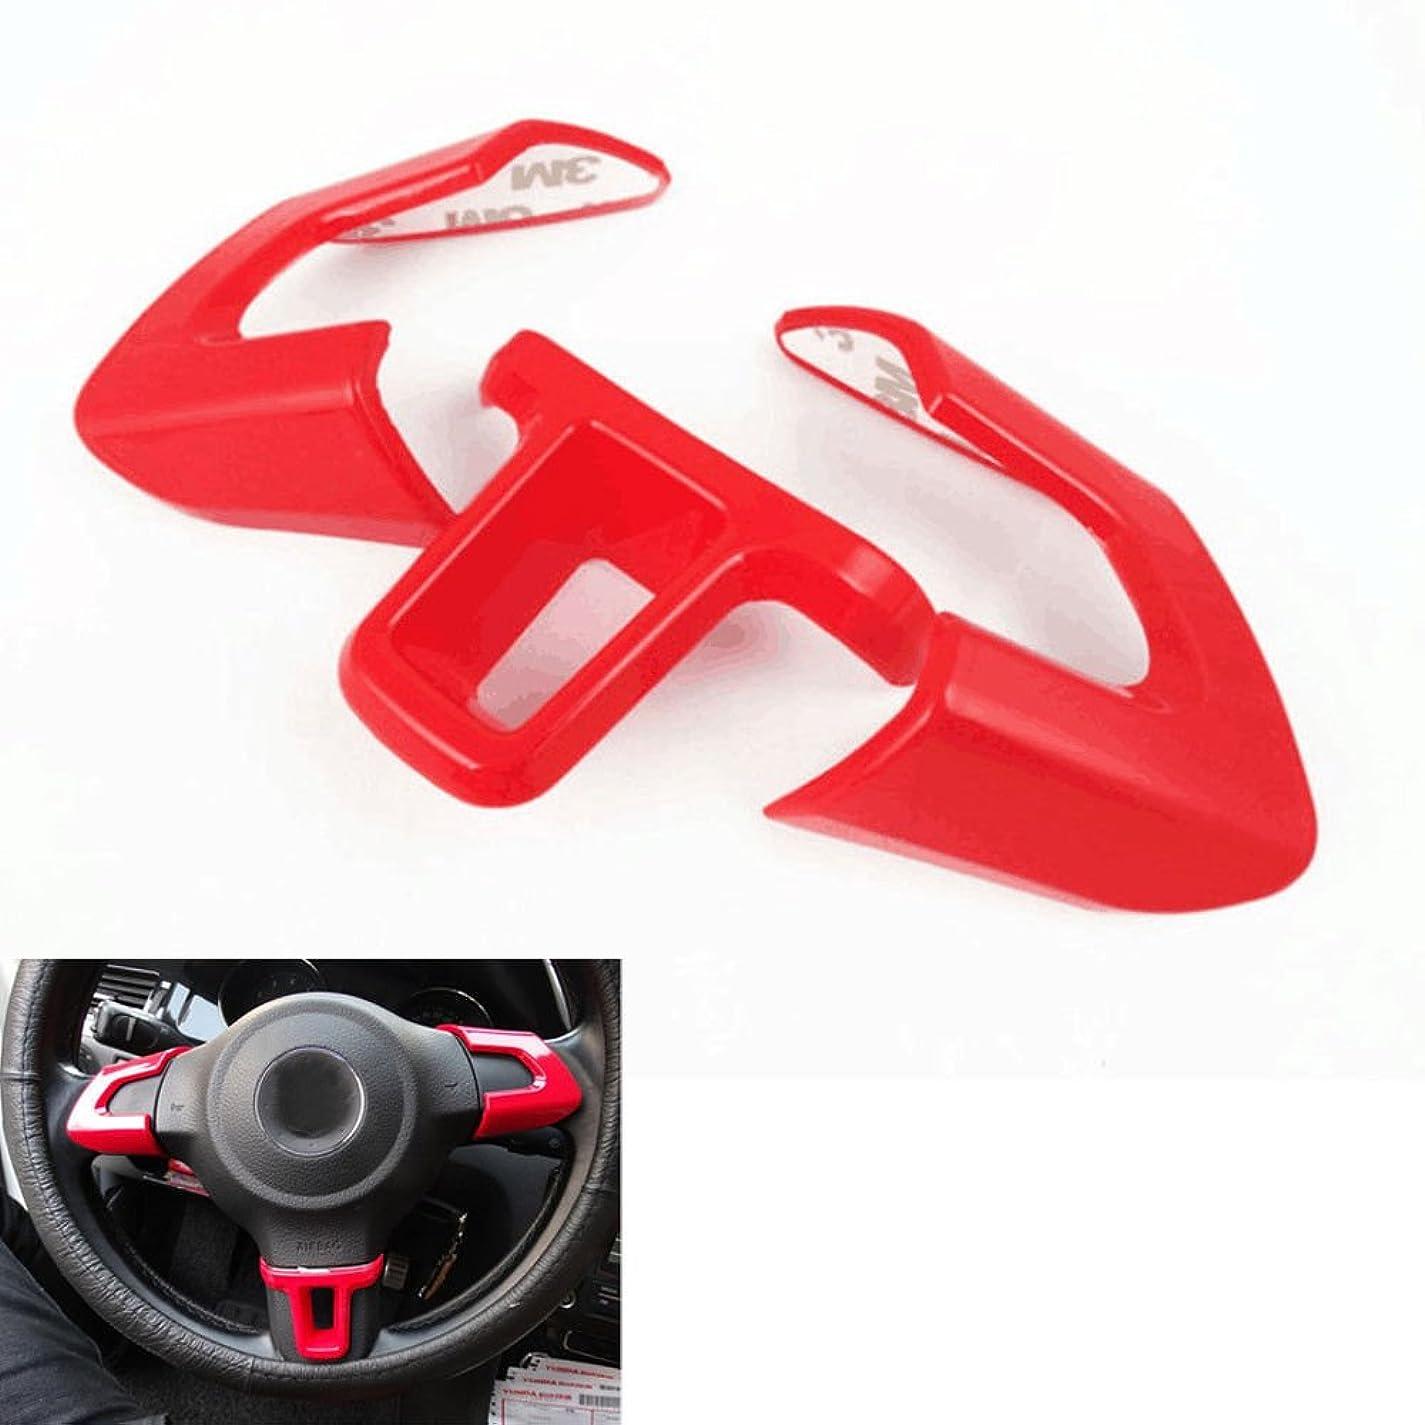 知恵仲介者植物学者Jicorzo - 3x Chrome Red Steering Wheel Cover Trim Unique Car Styling Sticker Fit For VW Golf MK6 POLO Bora 2013 2014